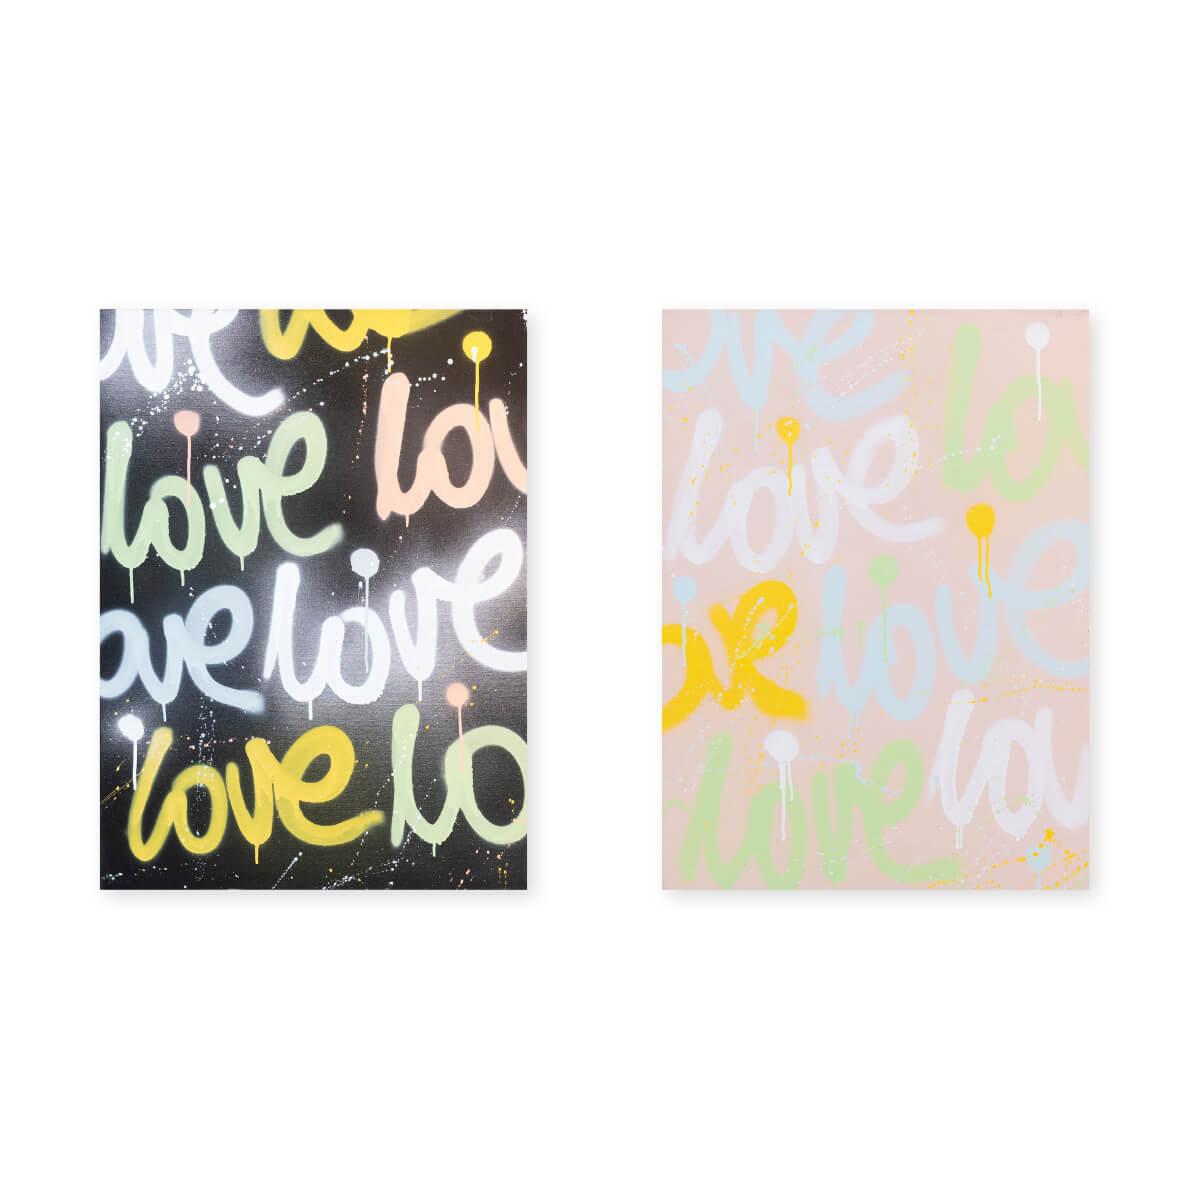 Marcin-Glod-Art-Love-Serie-2020